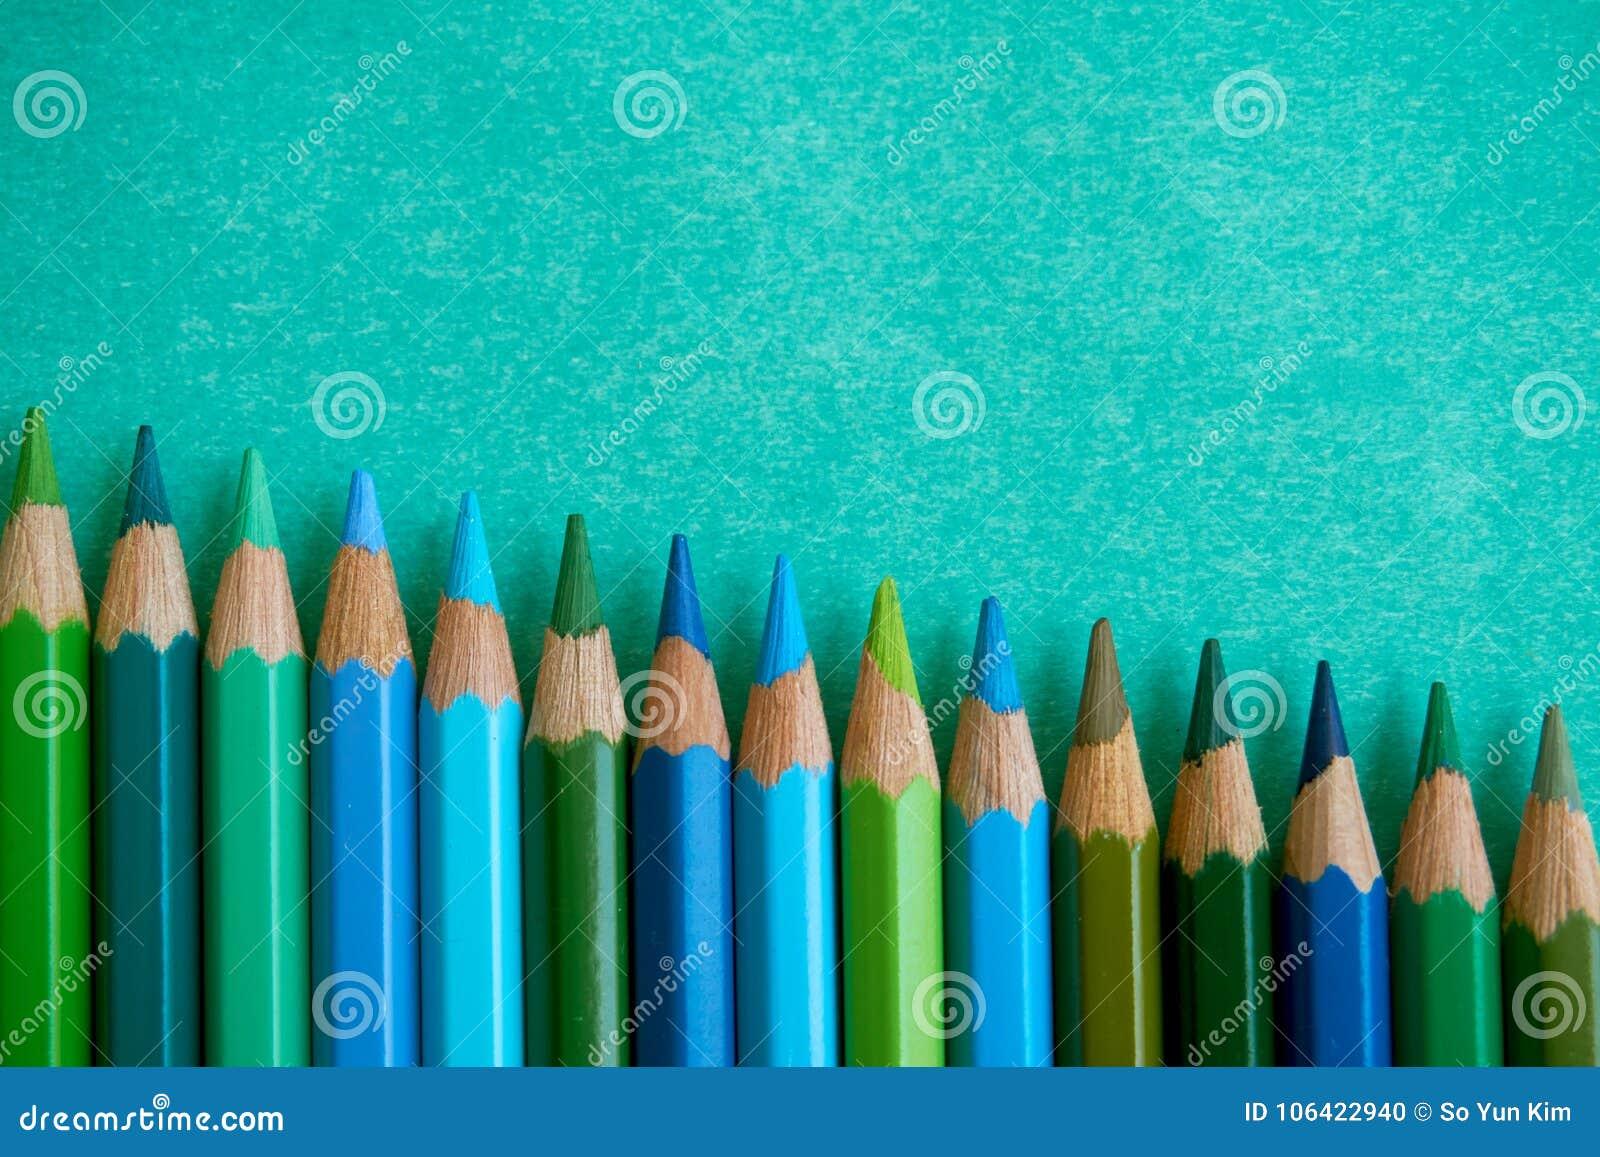 Blau und Grün färbten Bleistifte auf einem blauen Hintergrund